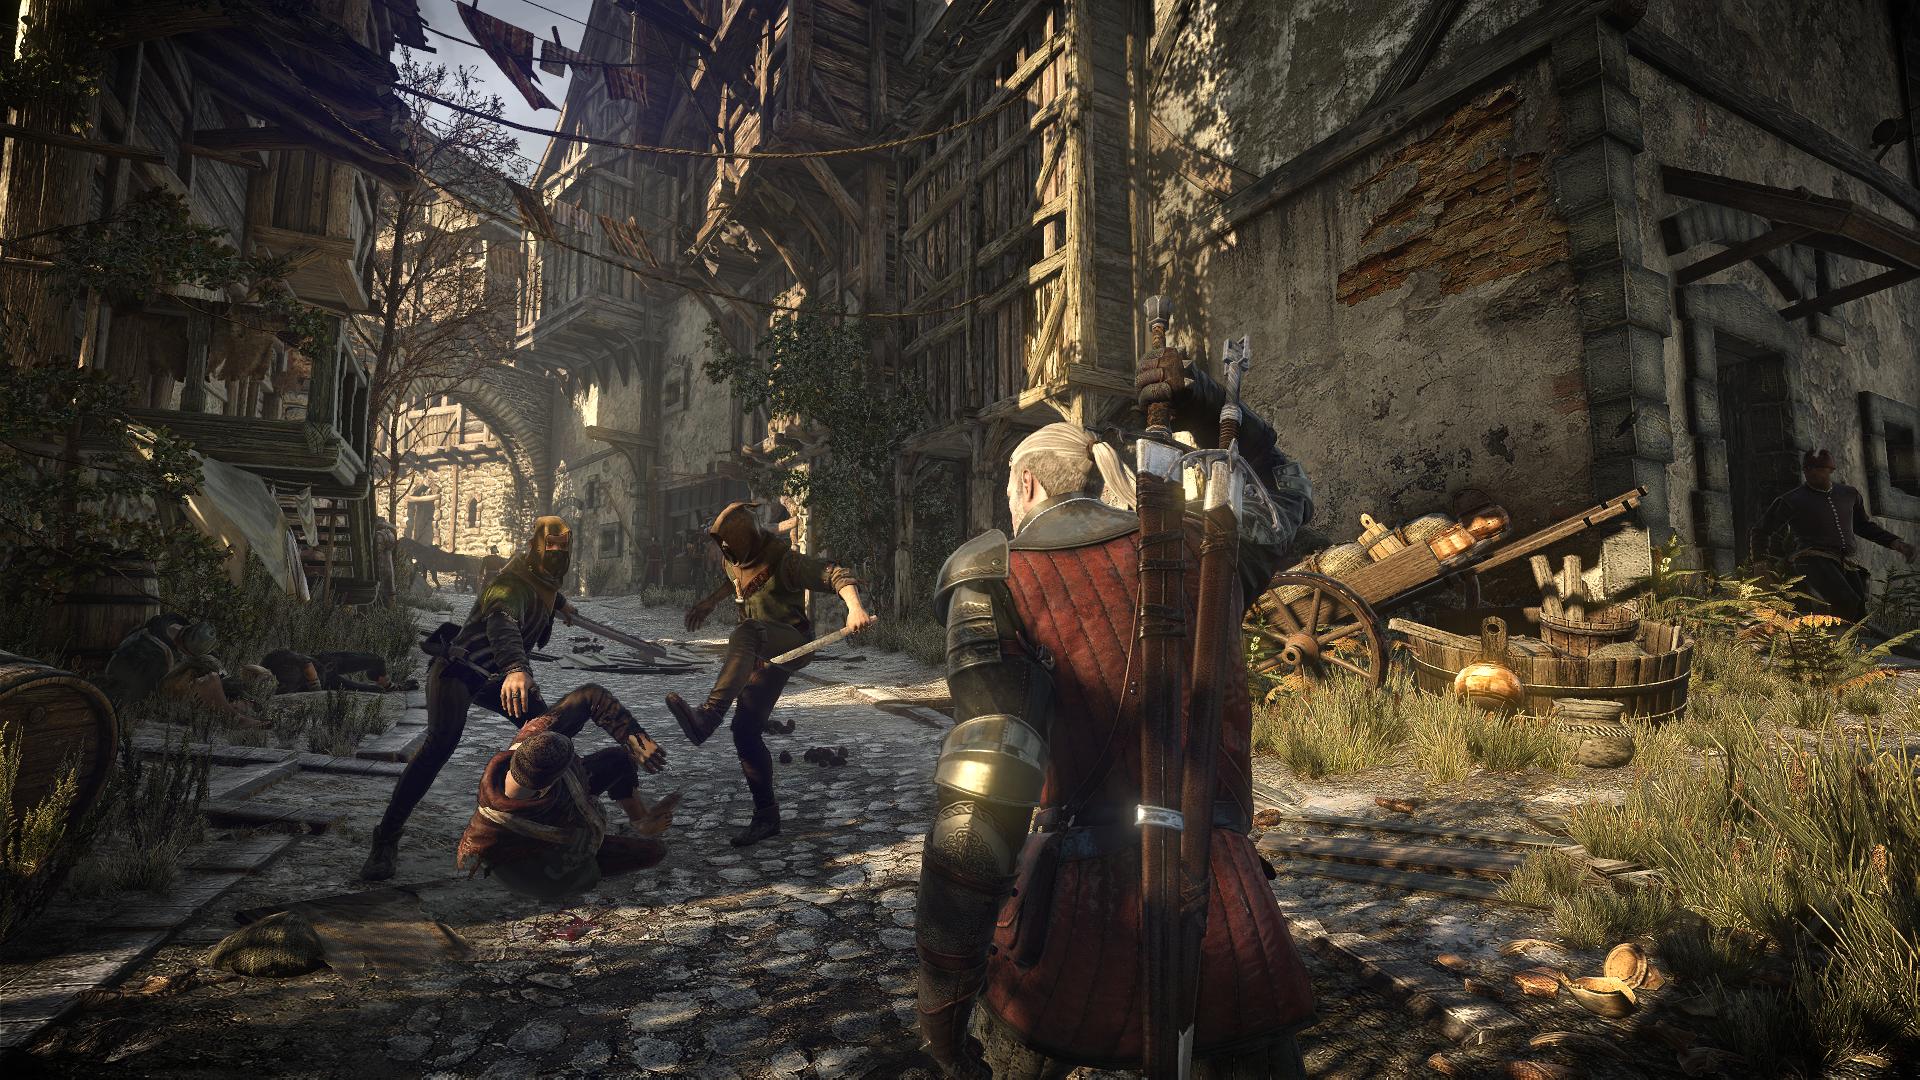 В итальянском PSN появился размер The Witcher 3: Wild Hunt для PS4 — 50 ГБ. - Изображение 1